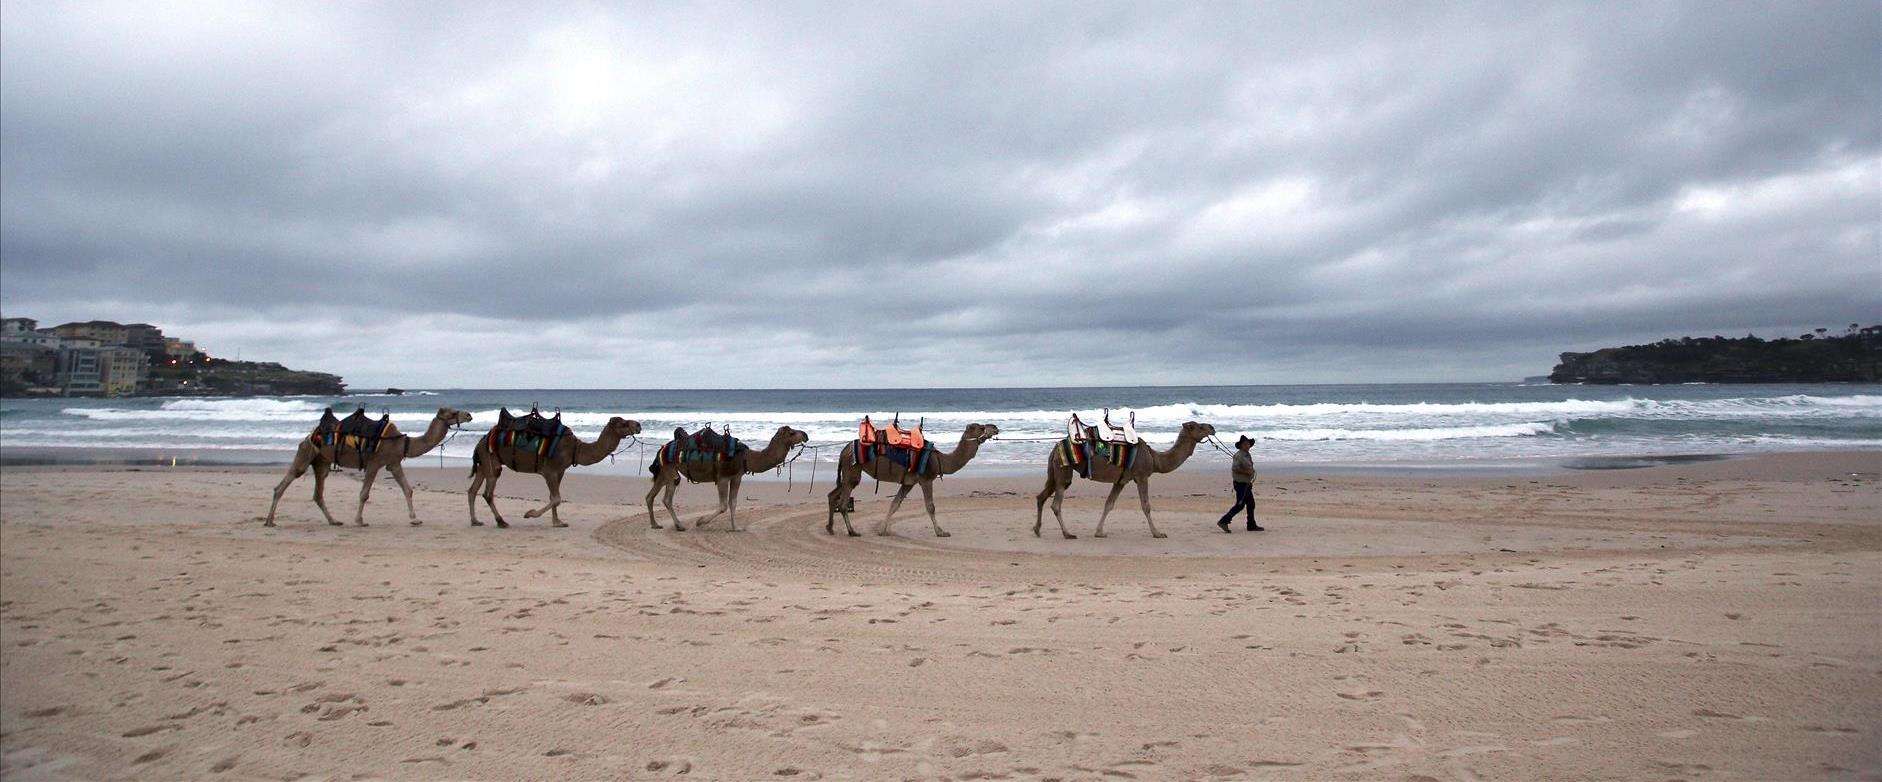 גמלים באוסטרליה